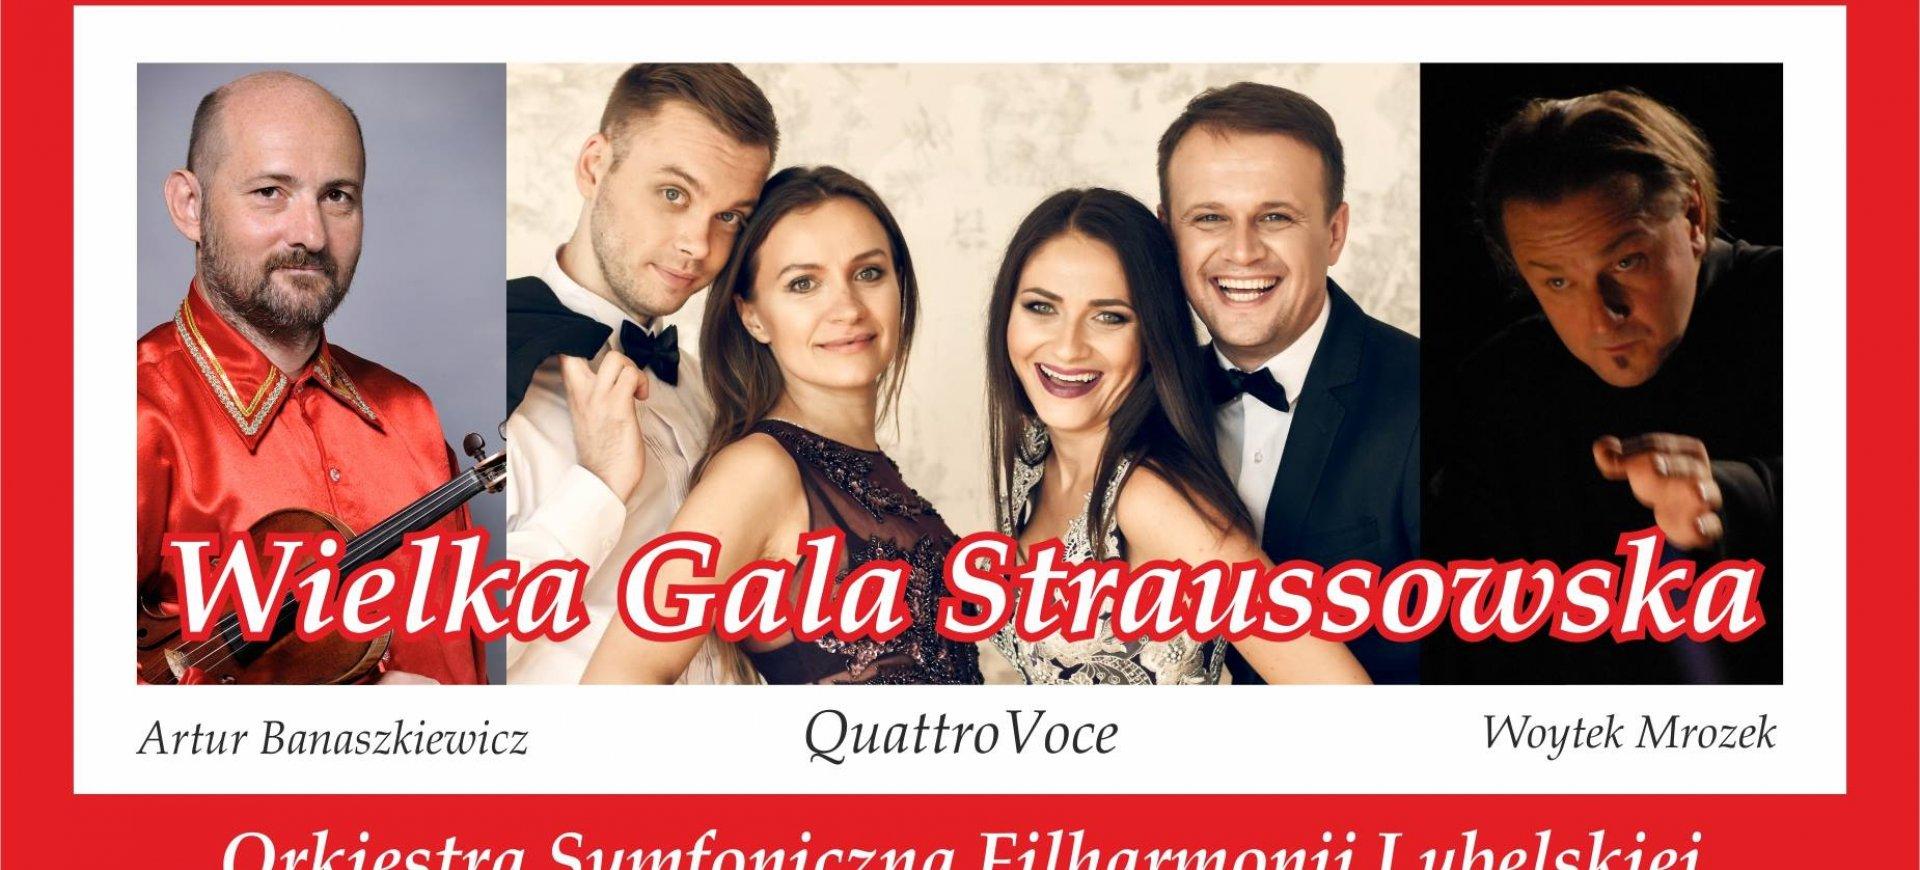 Artyści estrady: Wielka Gala Straussowska